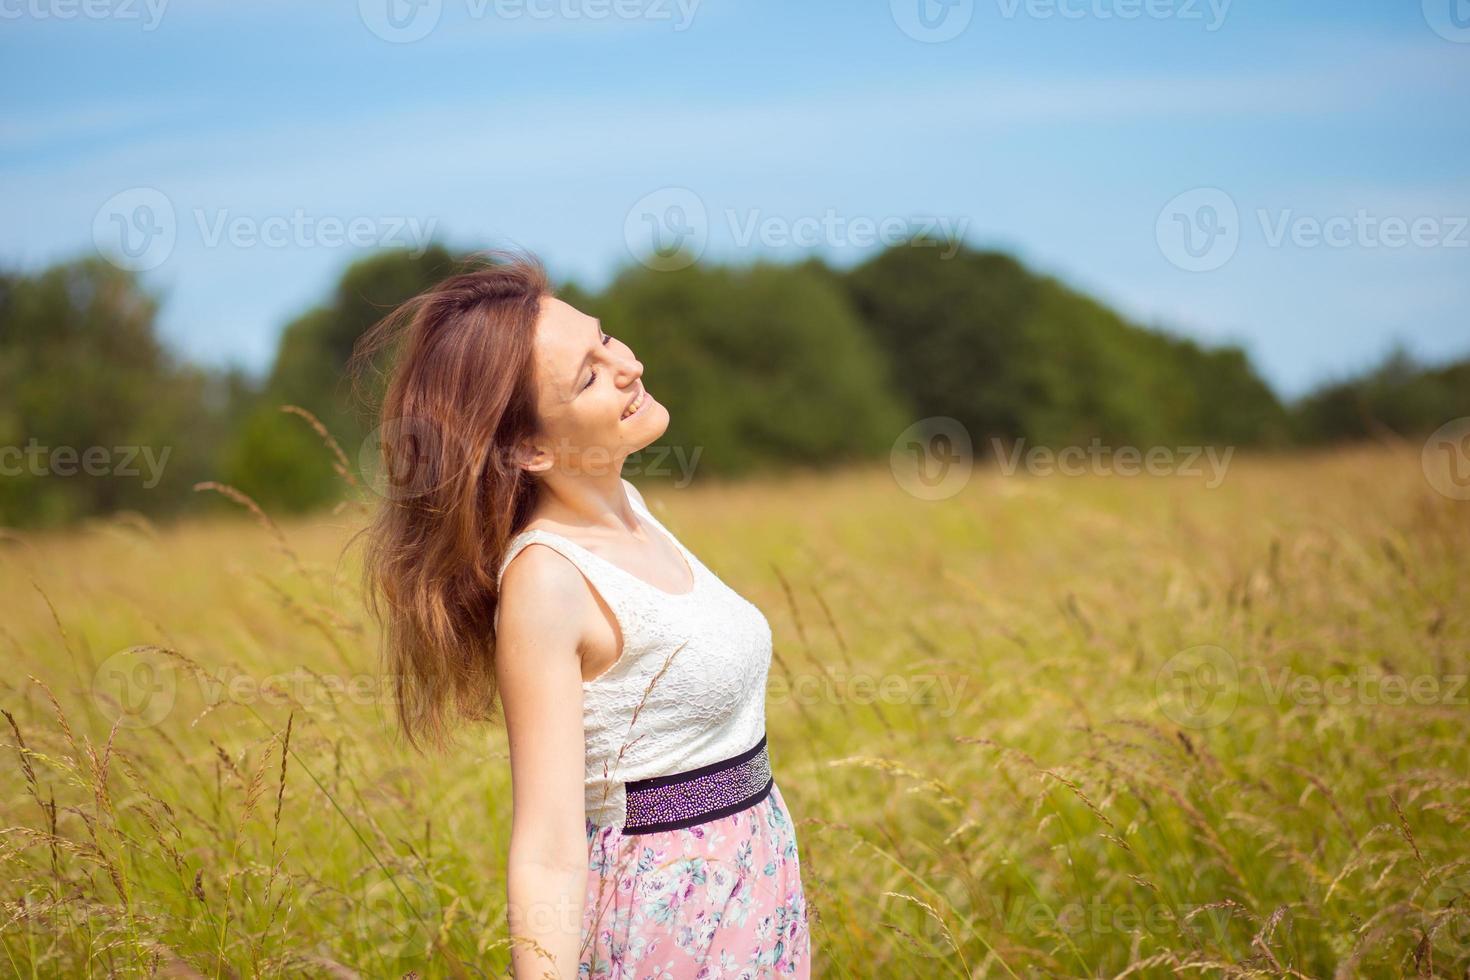 chica de belleza al aire libre foto